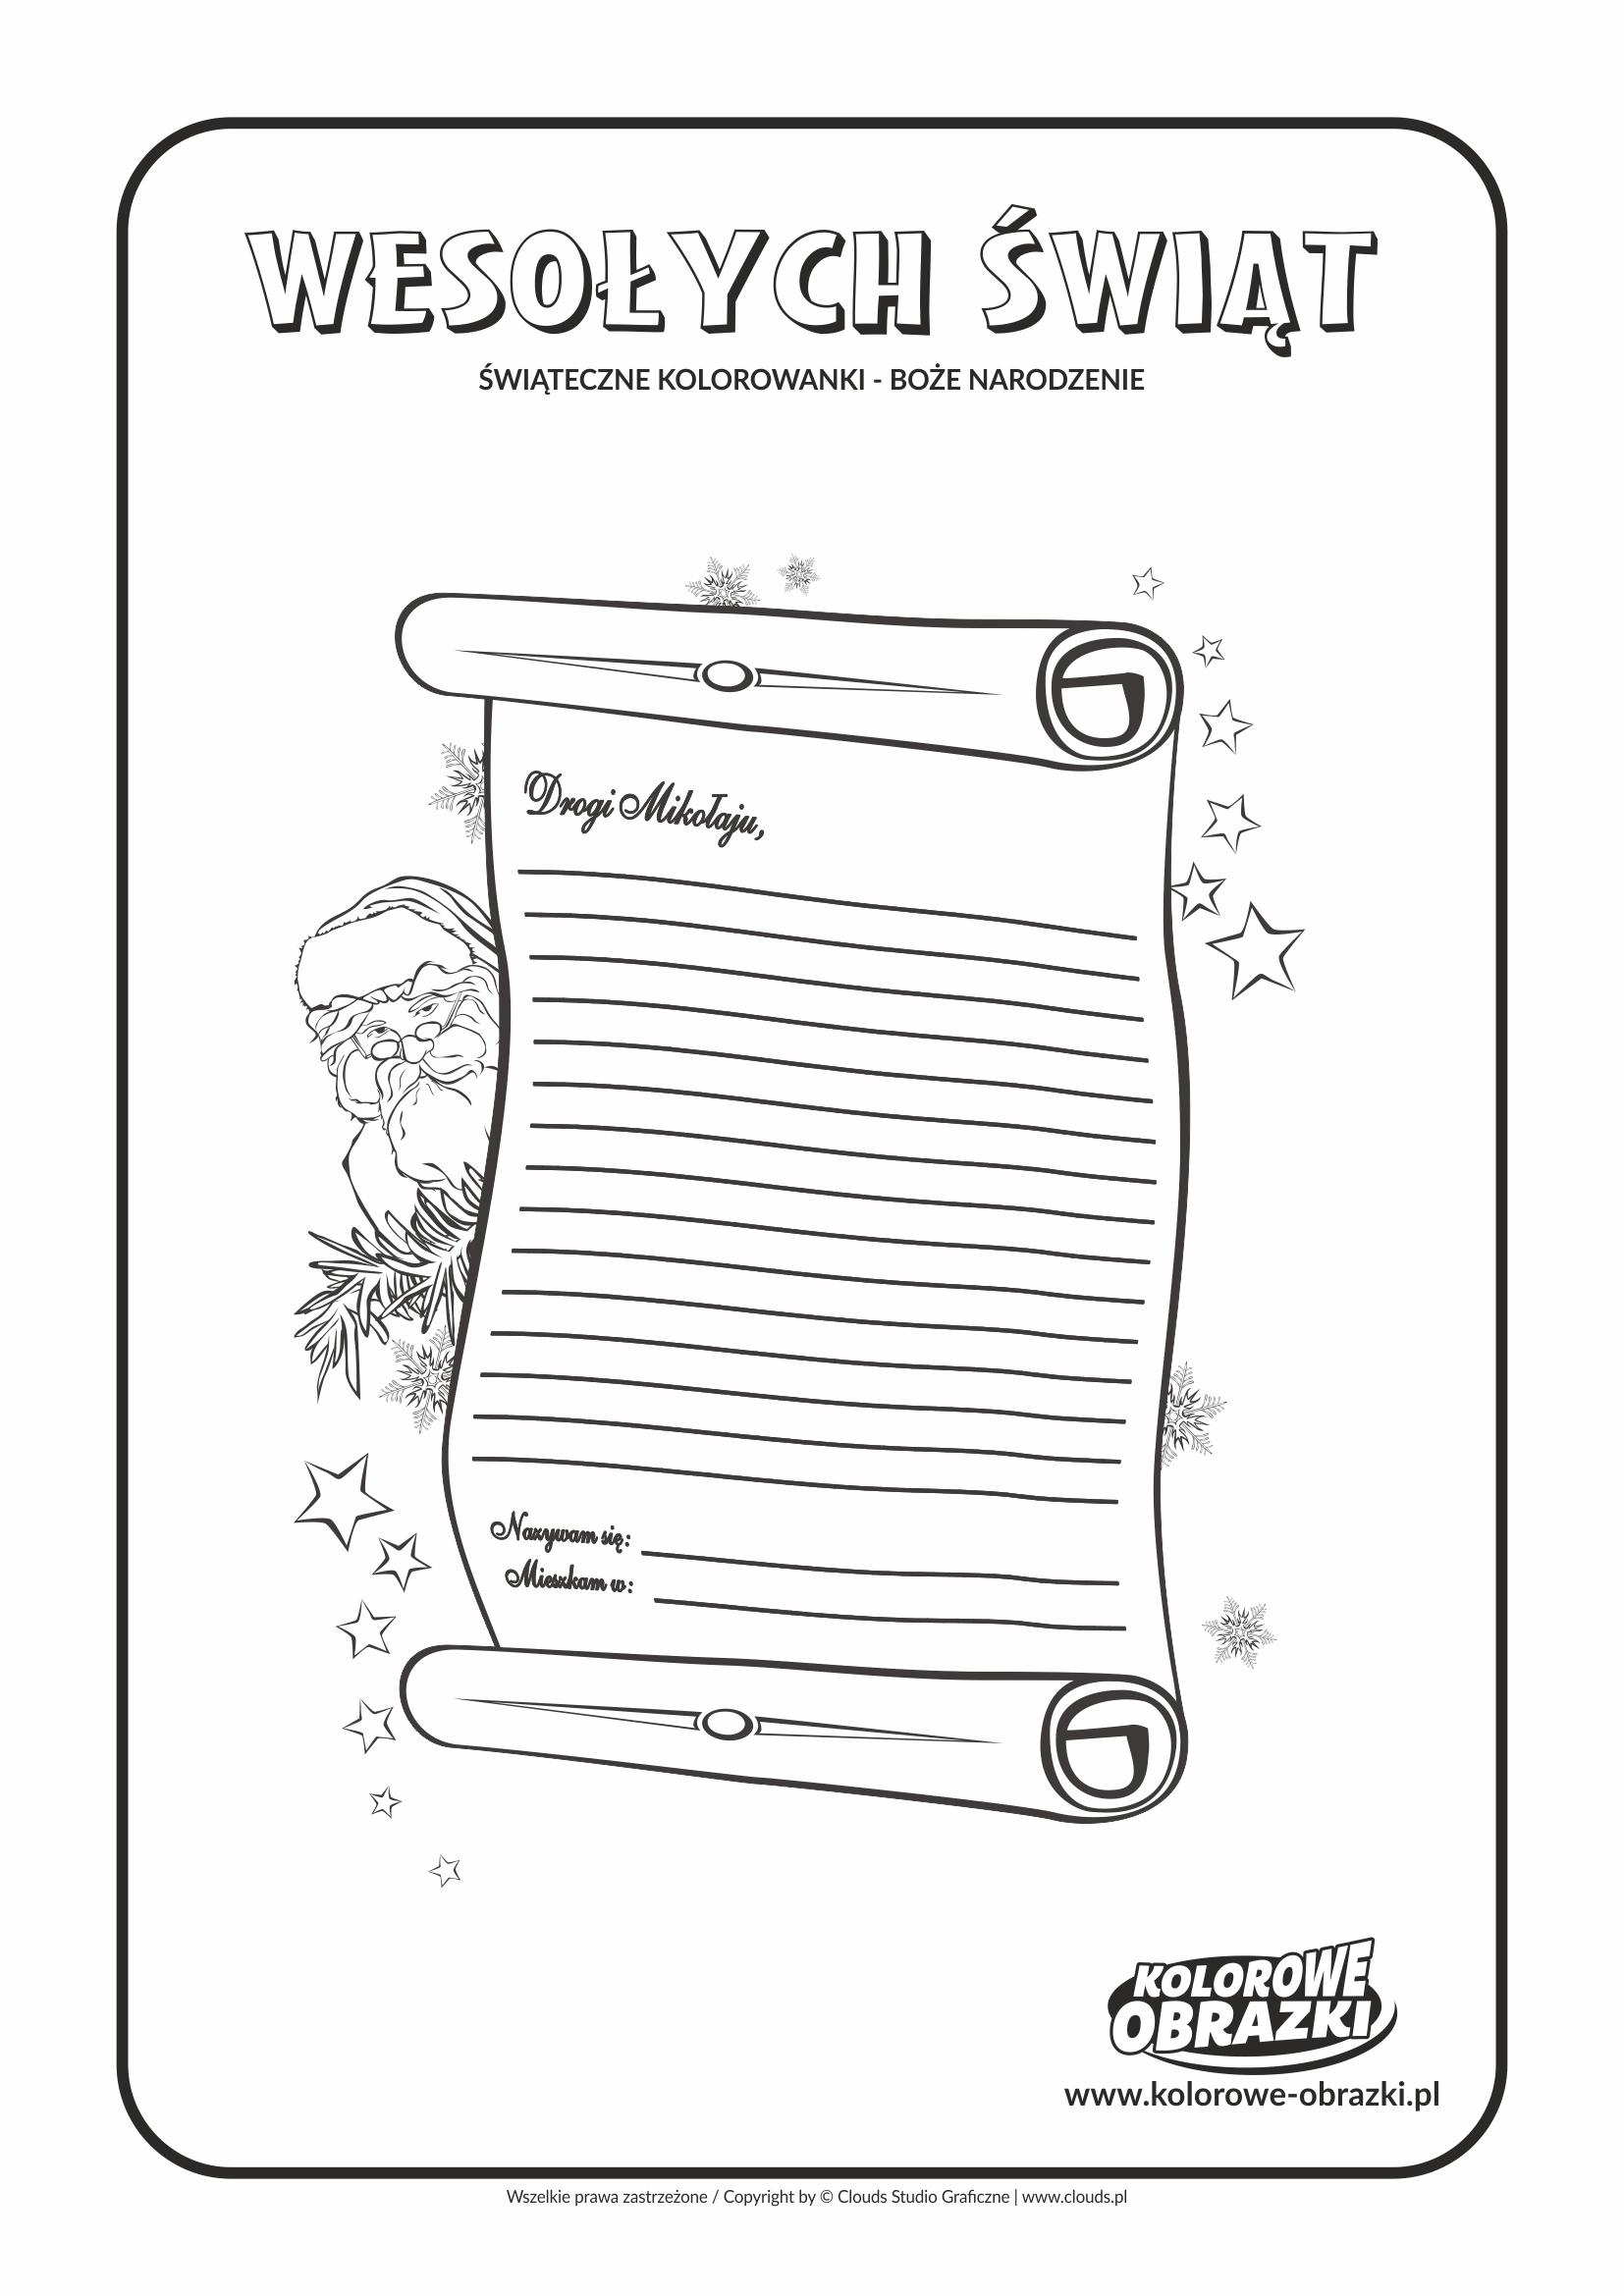 Kolorowanki dla dzieci - Święta / Boże Narodzenie - List do Świętego Mikołaja 2. Kolorowanka z Bożym Narodzeniem